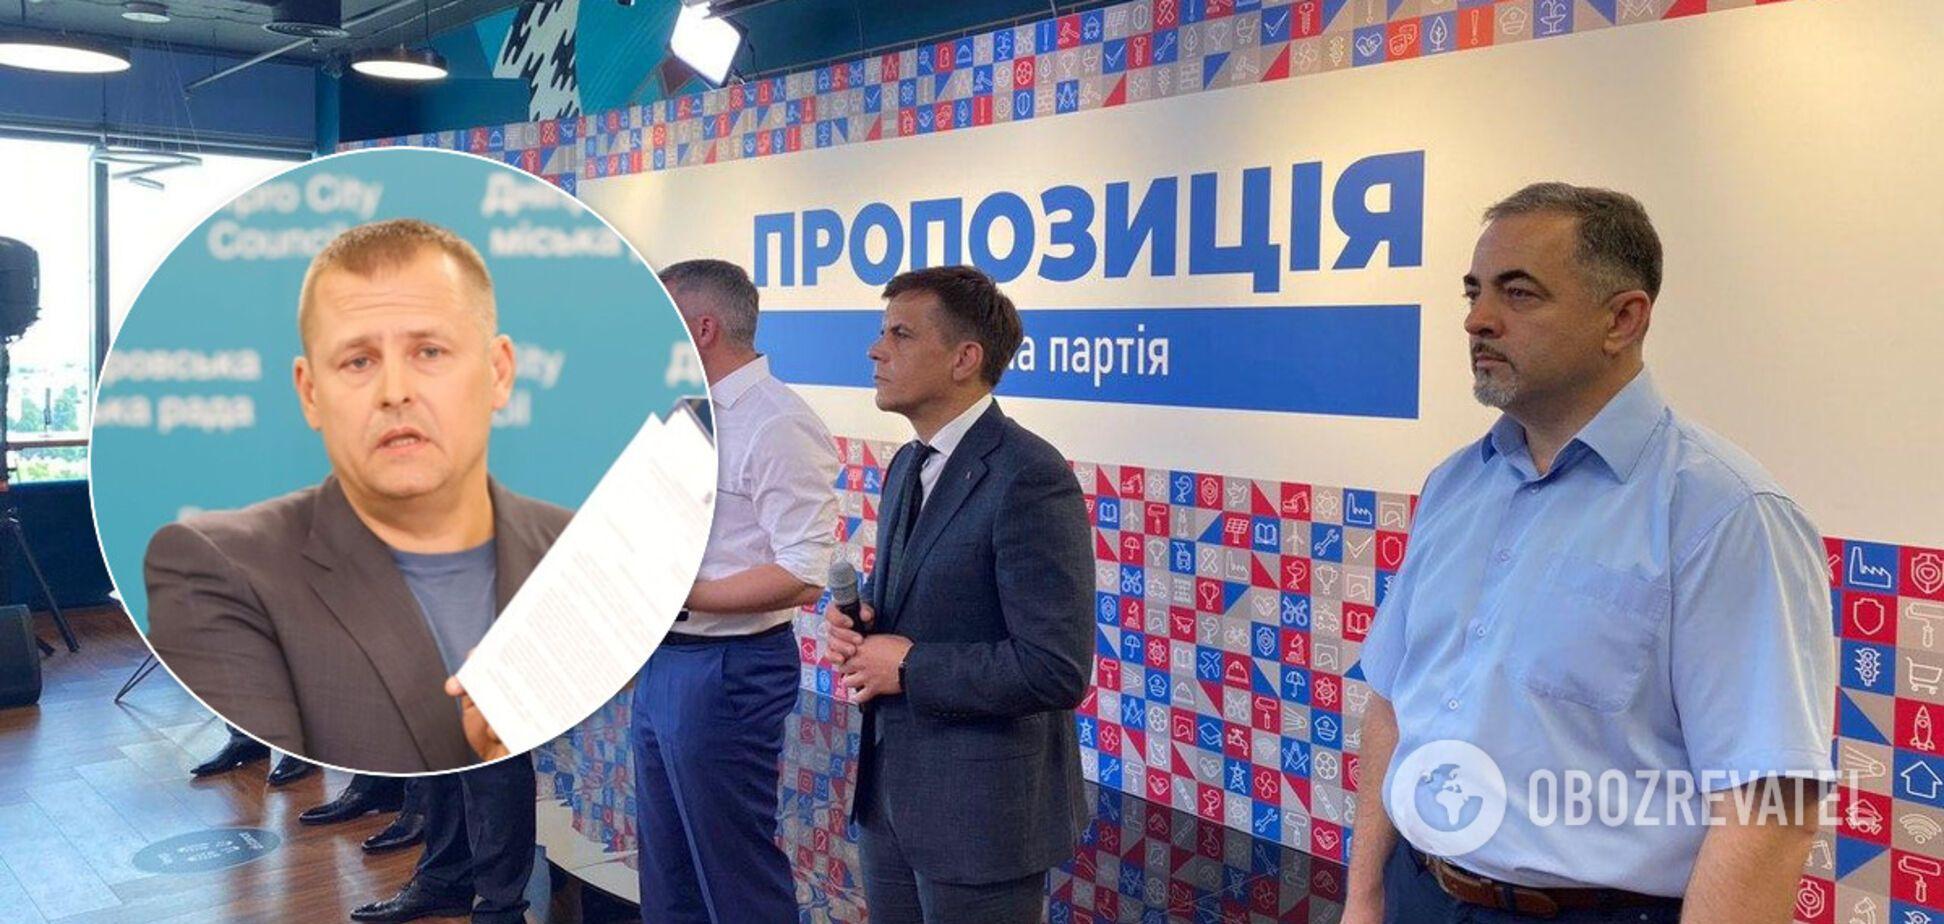 Створення 'Пропозиції' ініціював мер Дніпра Борис Філатов